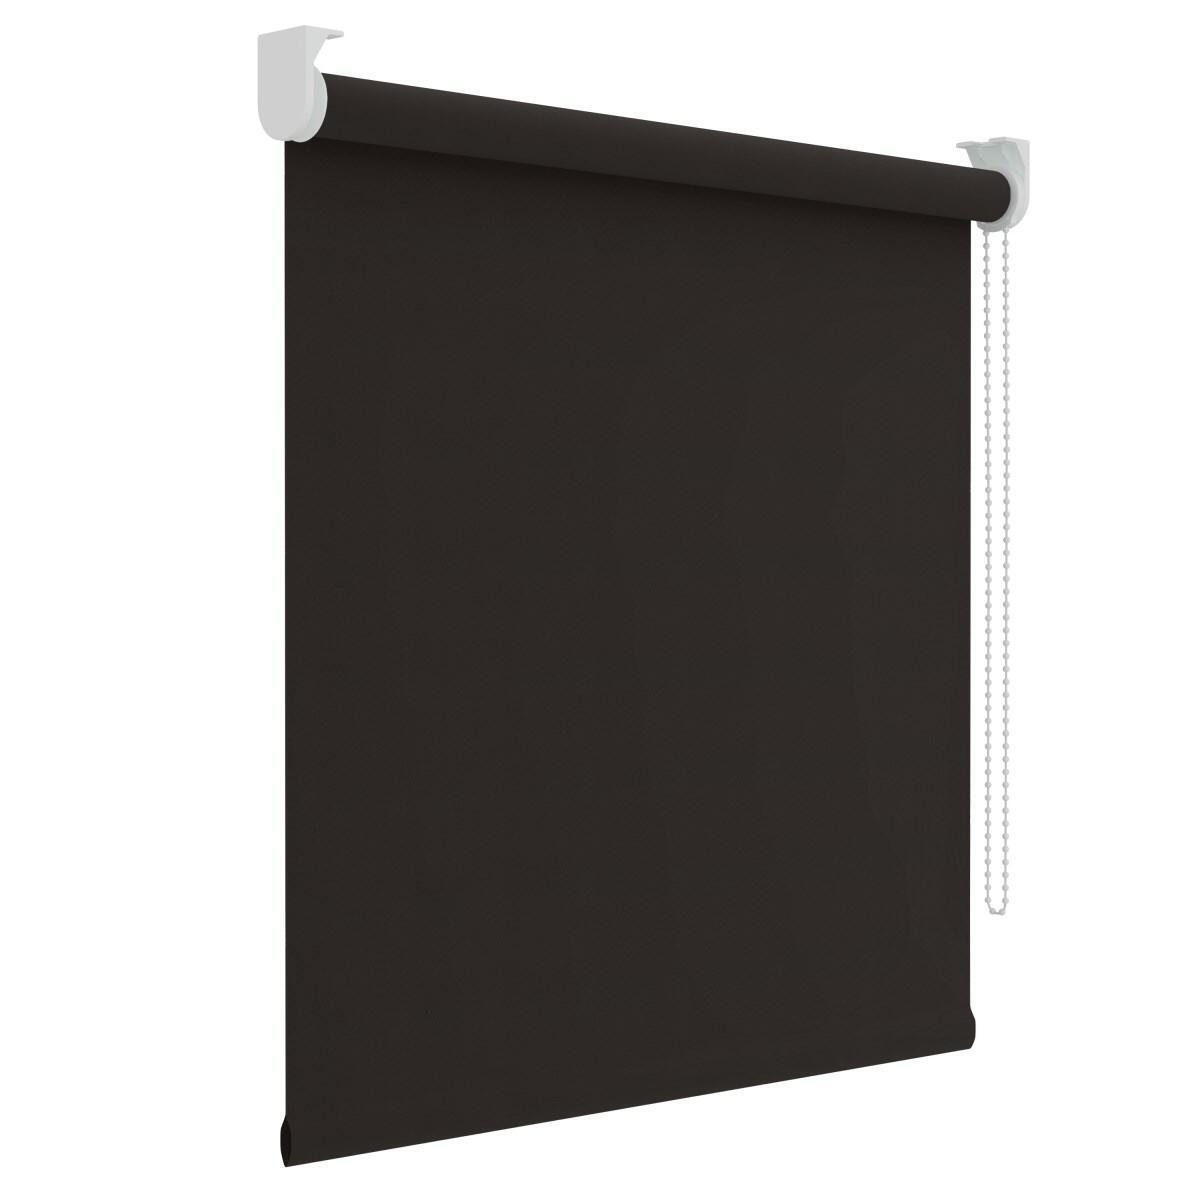 Tenda a rullo oscurante Dublin marrone 90 x 190 cm - 2